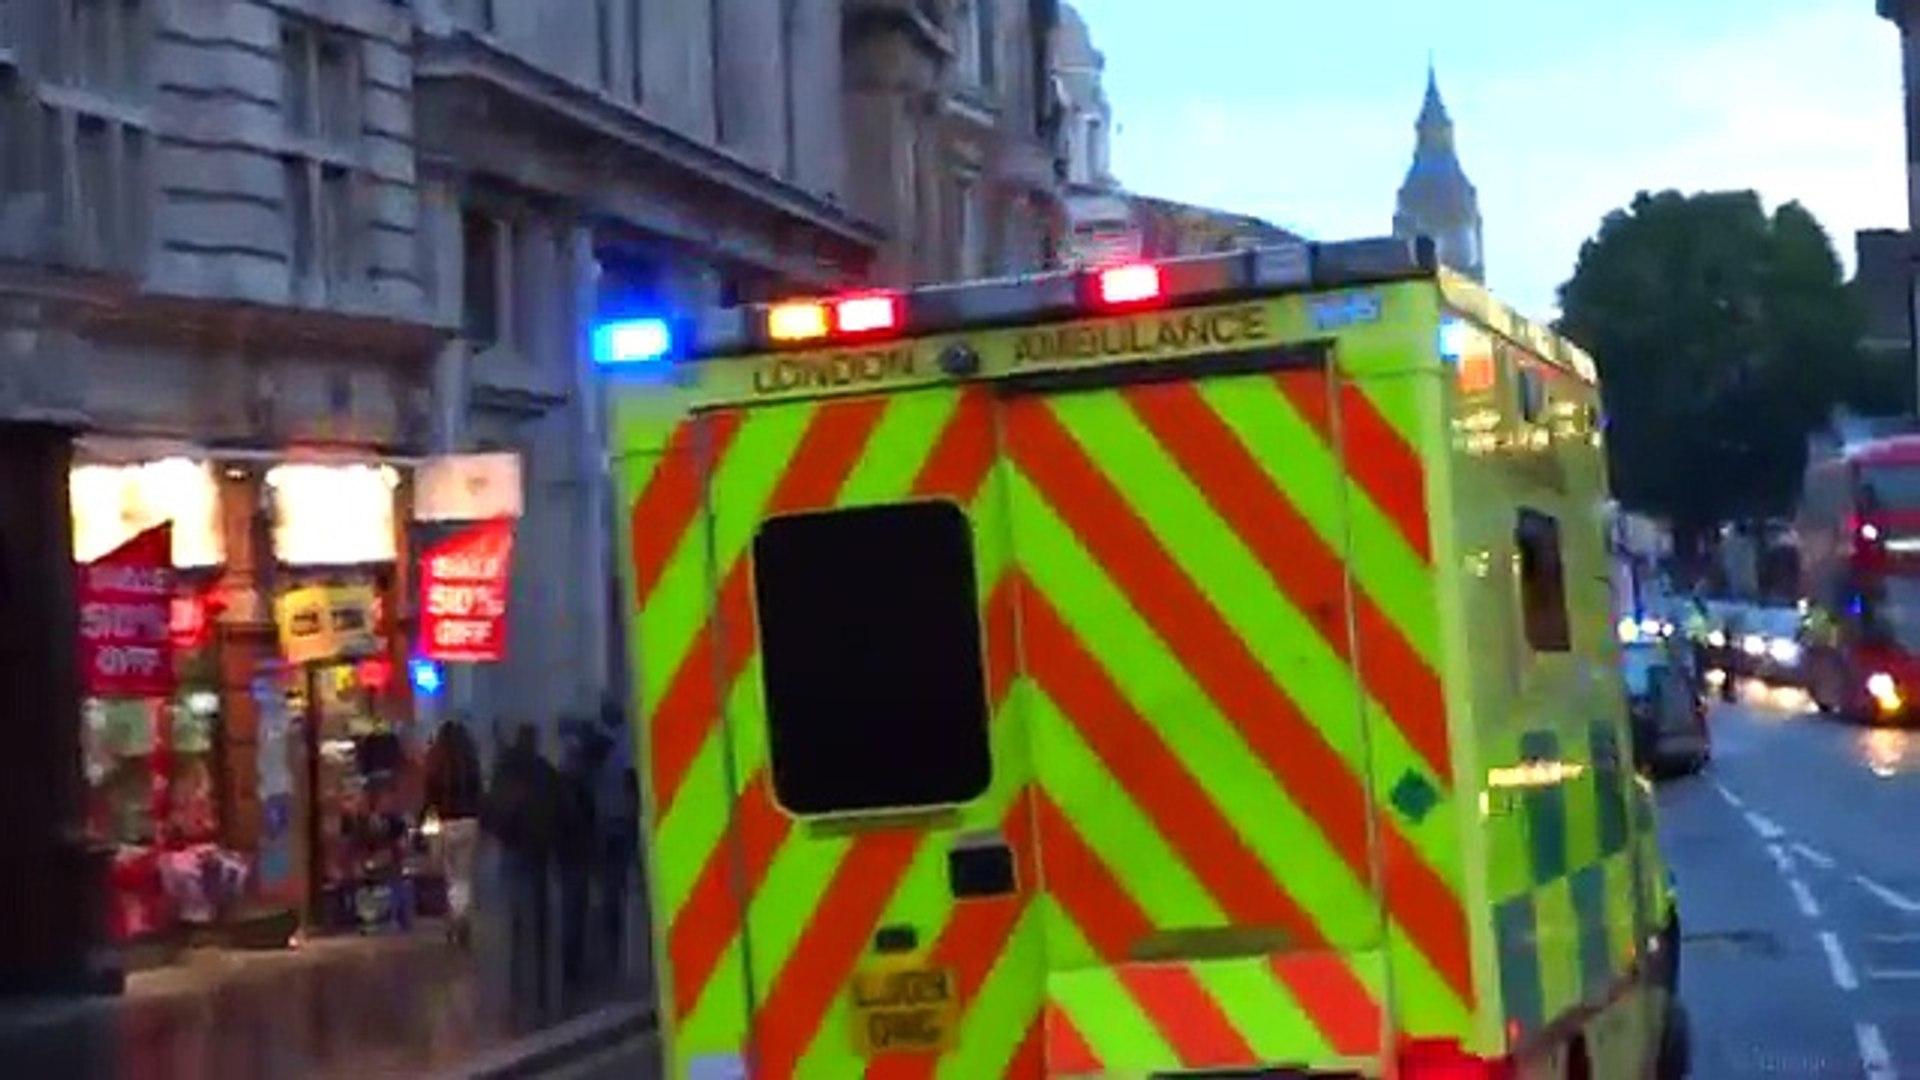 Ambulances responding - London Ambulance Compilation